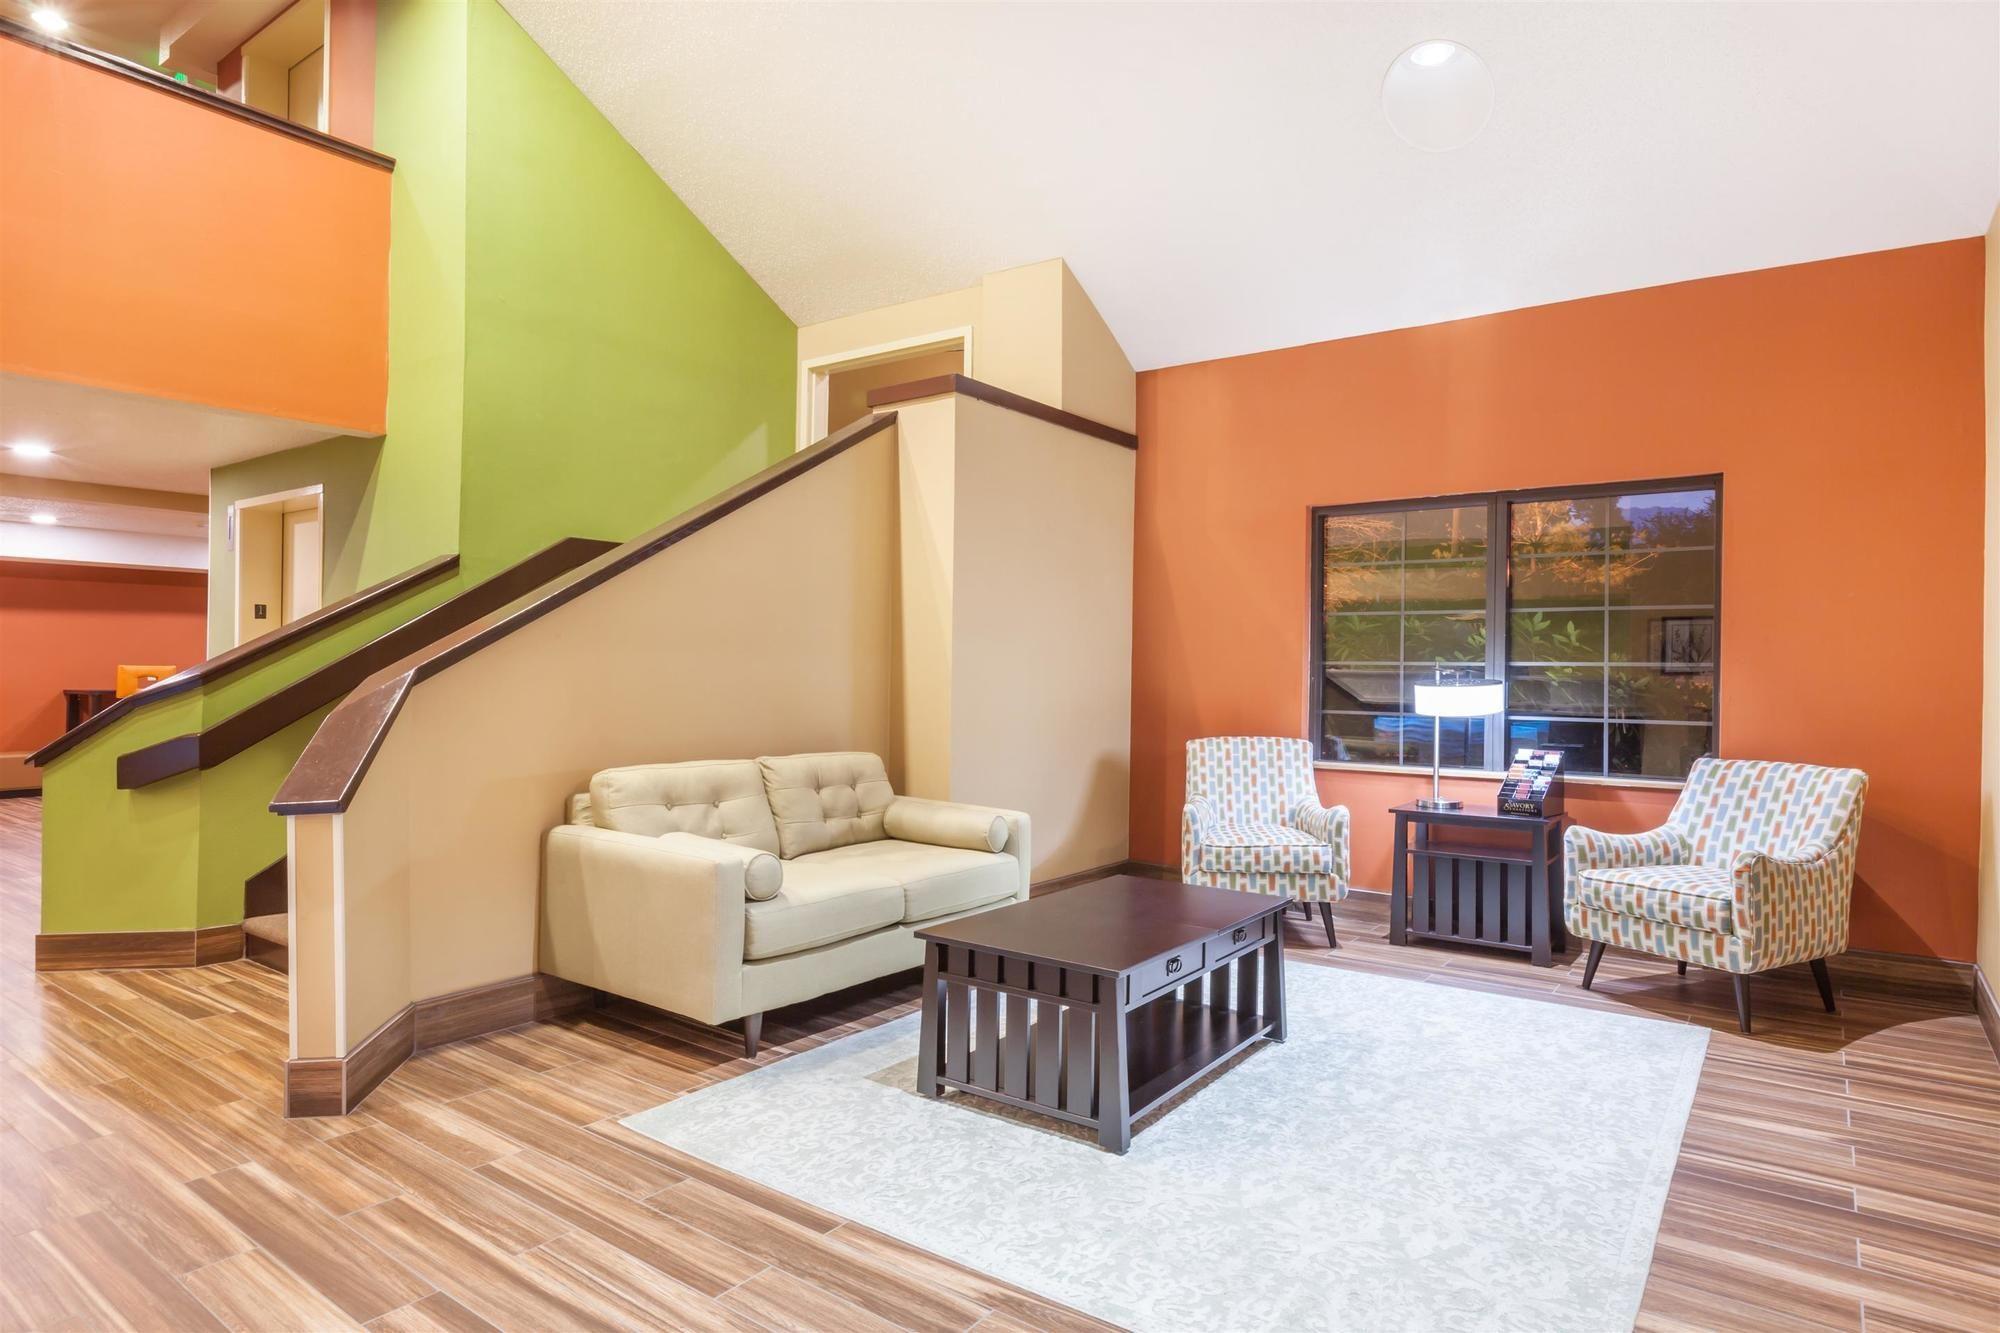 Baymont Inn & Suites Newark at University of Delaware in Newark, DE